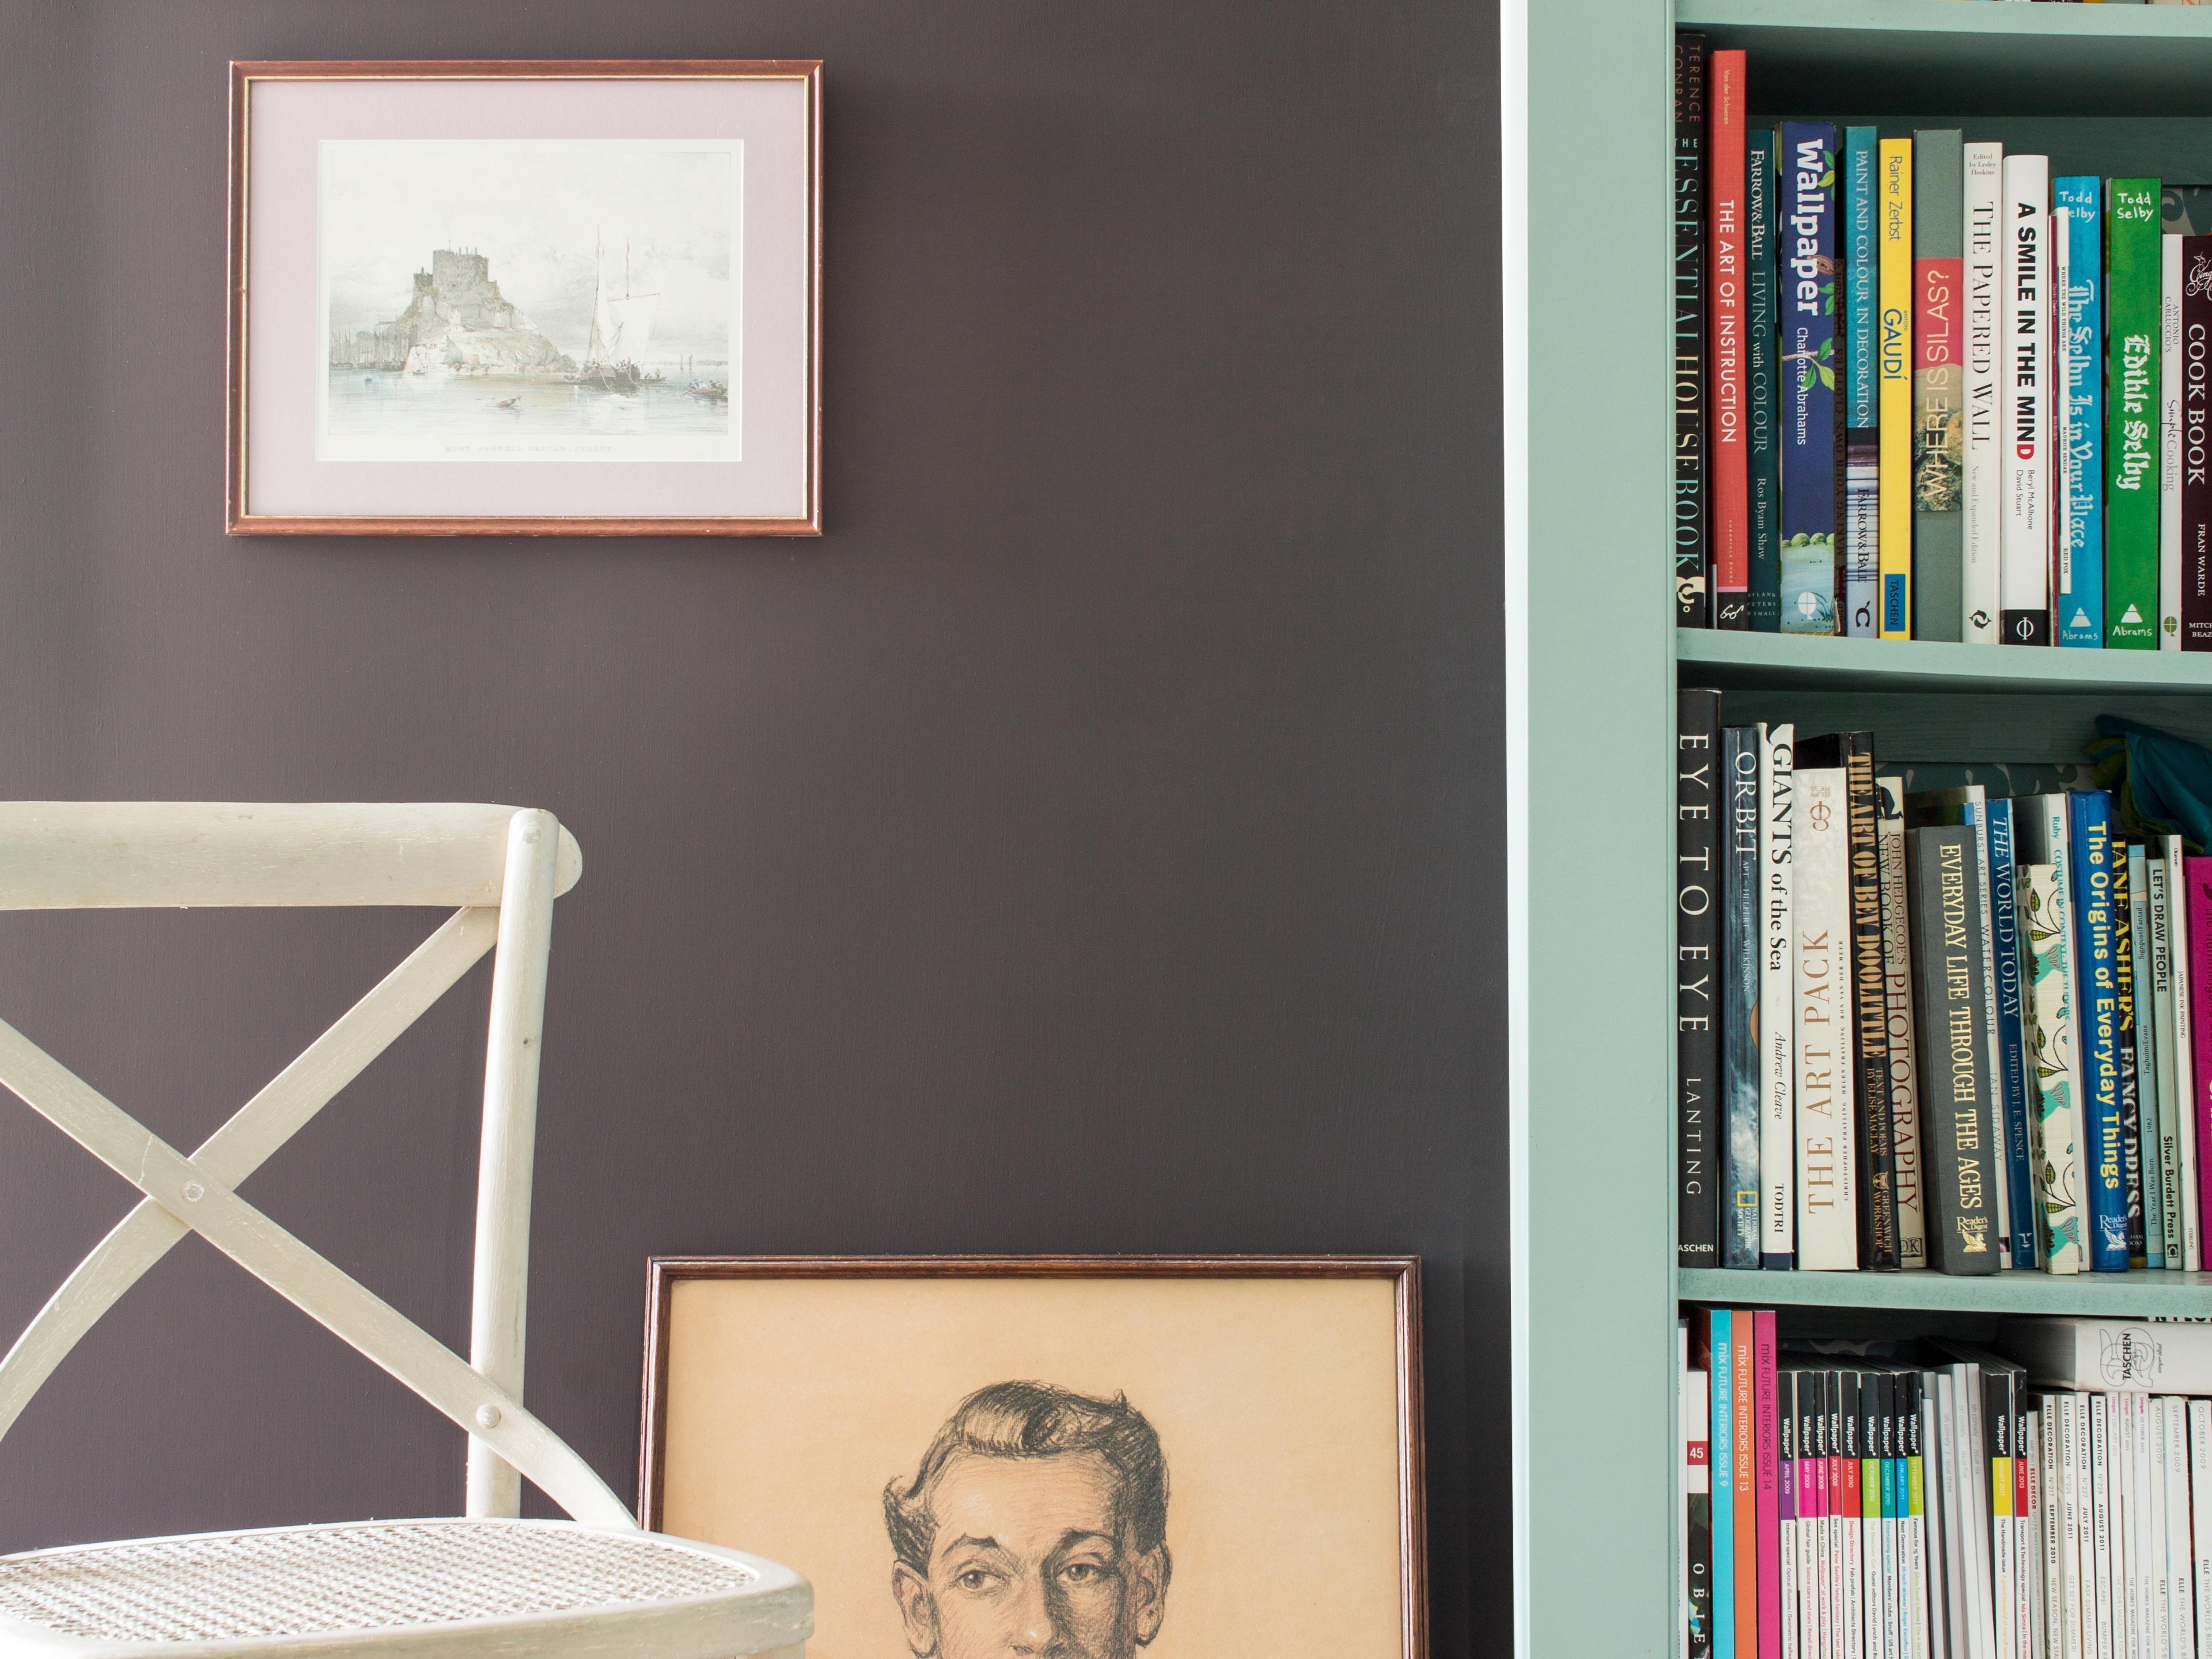 Wunderbar Kinderzimmer Farbgestaltung Dekoration Von Wohntrend: Dunkle Wandfarben Schlafzimmer Mit Farbe Gegen